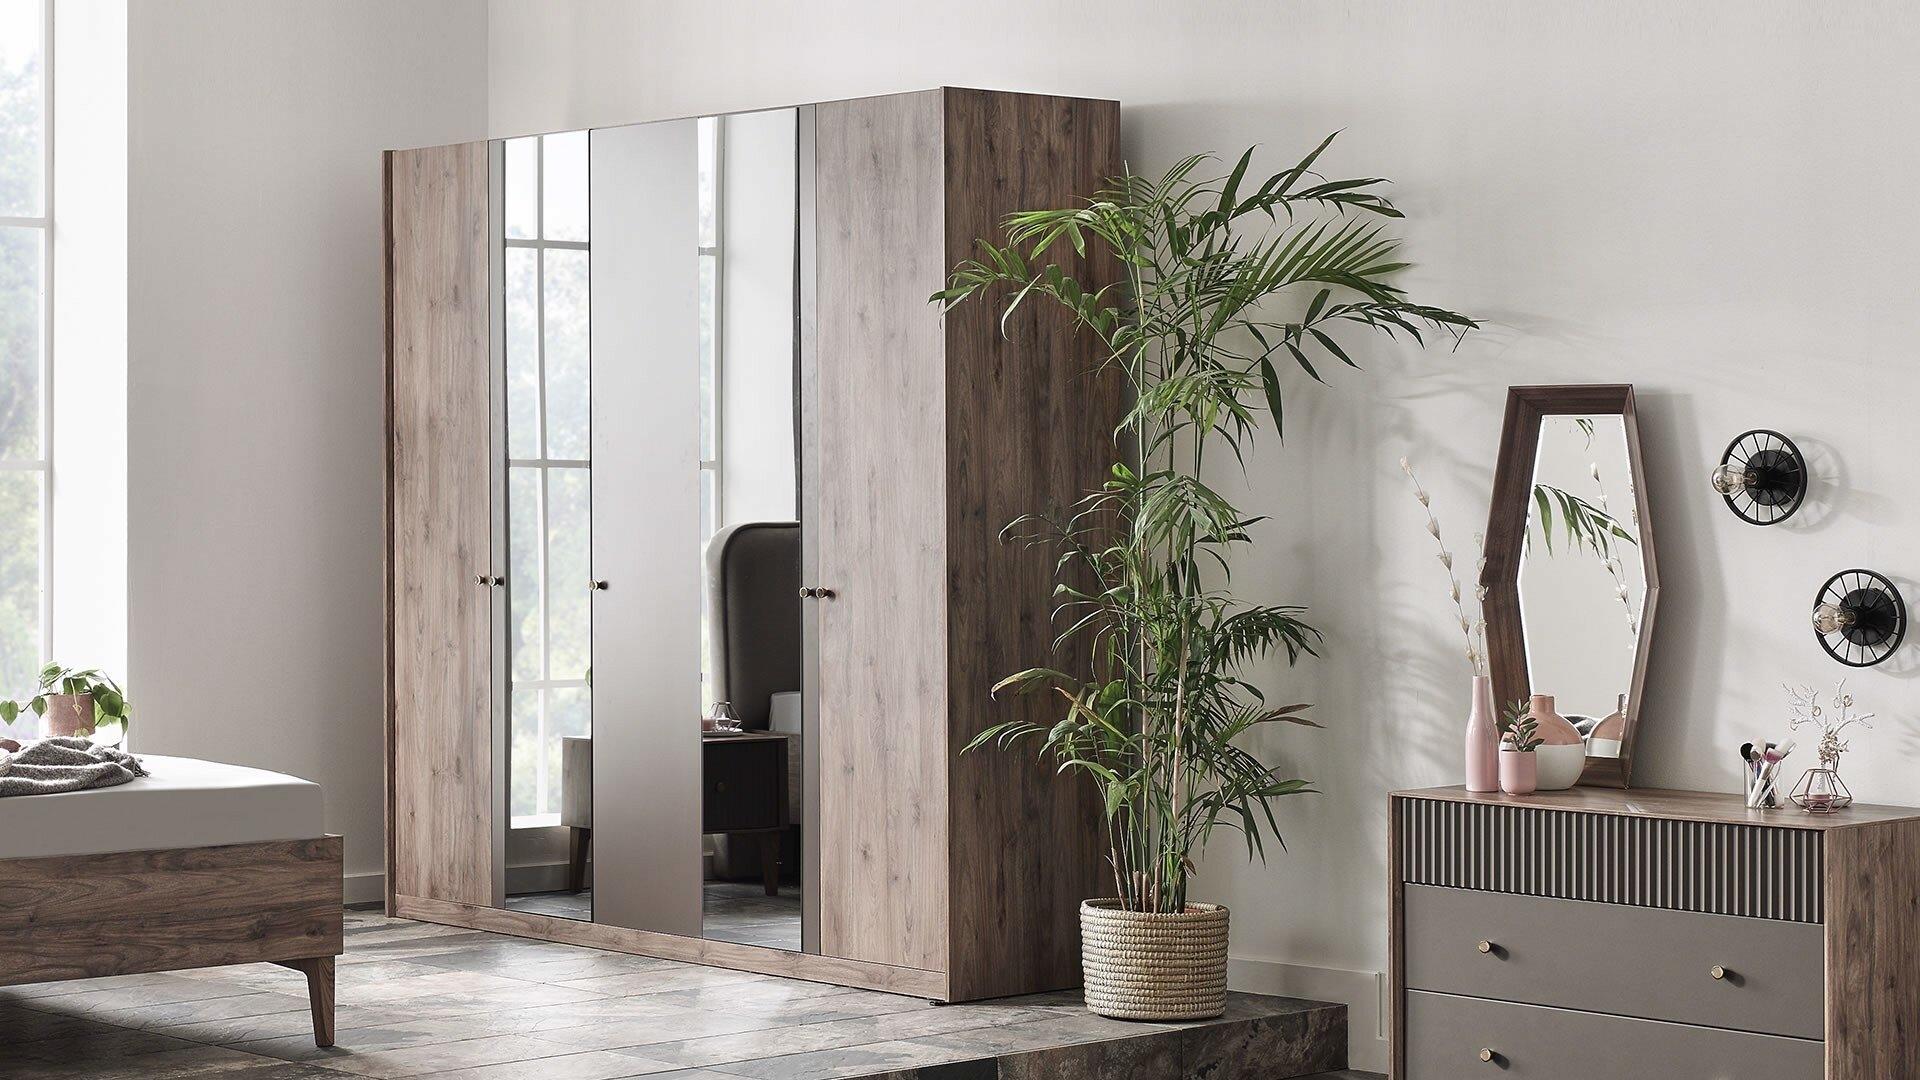 Dulap din pal cu 5 usi si oglinda Elita Natural, l224,2xA61,3xH213,8 cm imagine